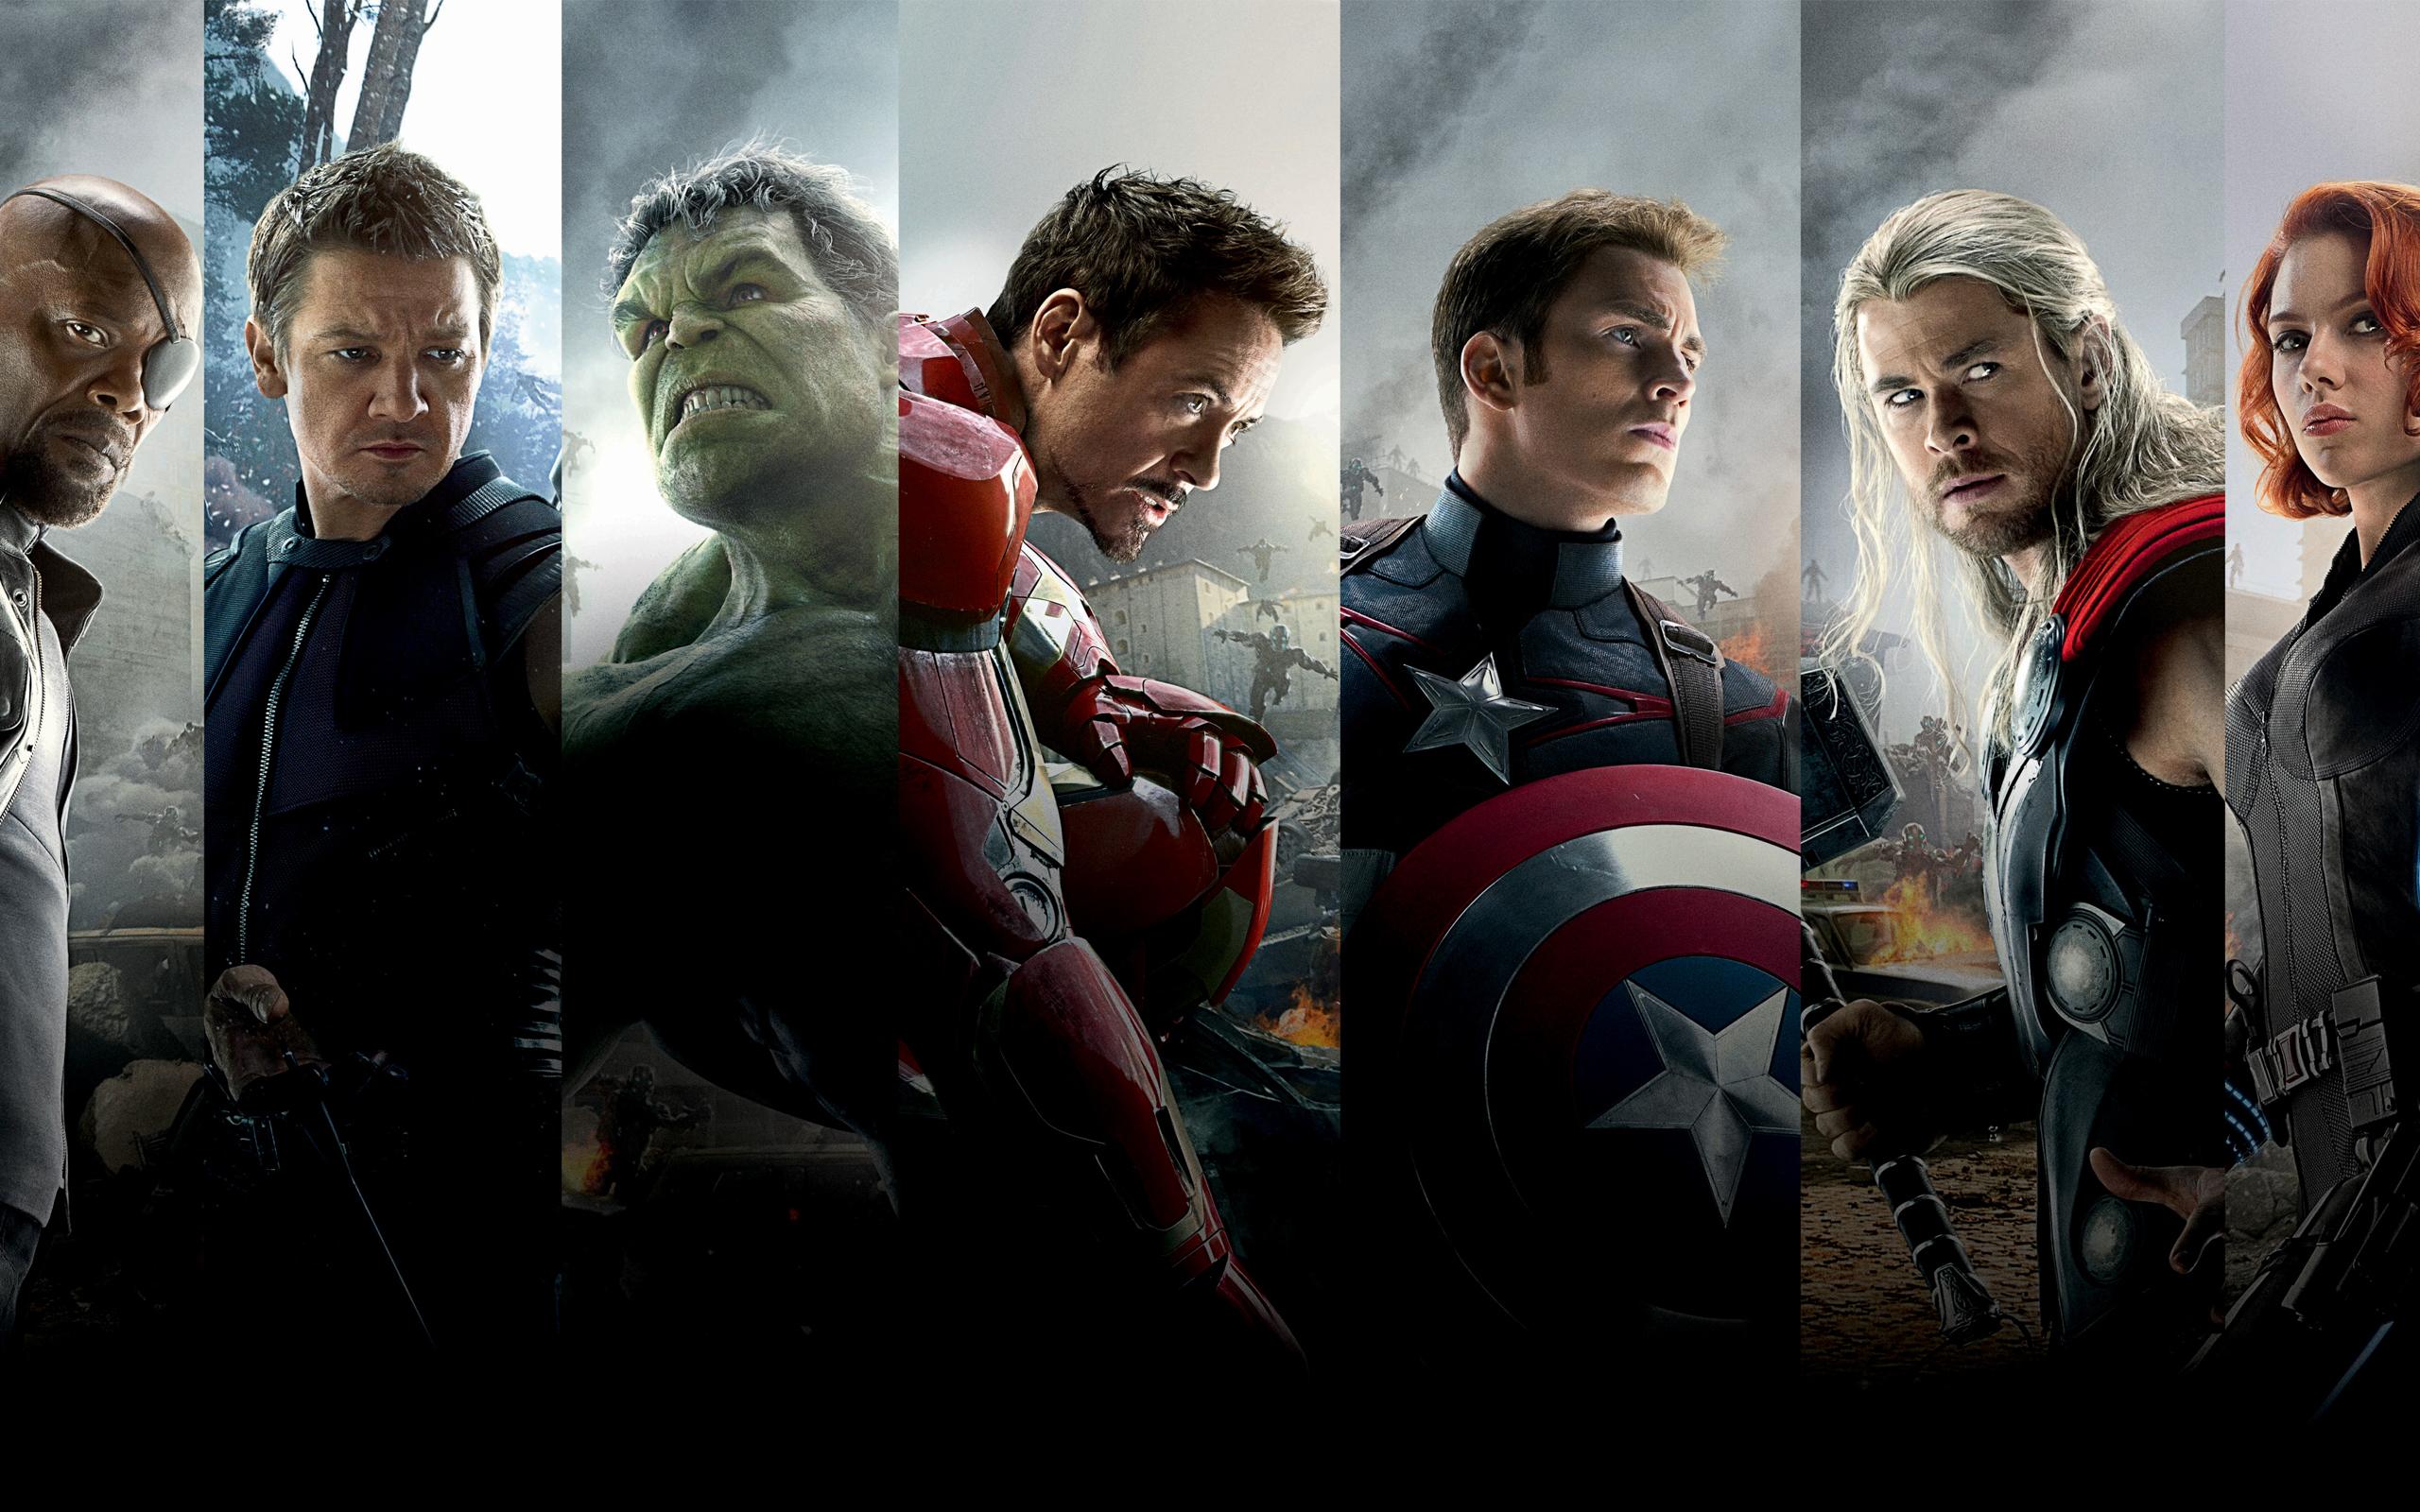 Мстители война бесконечности часть 1 2018 смотреть фильм онлайн.